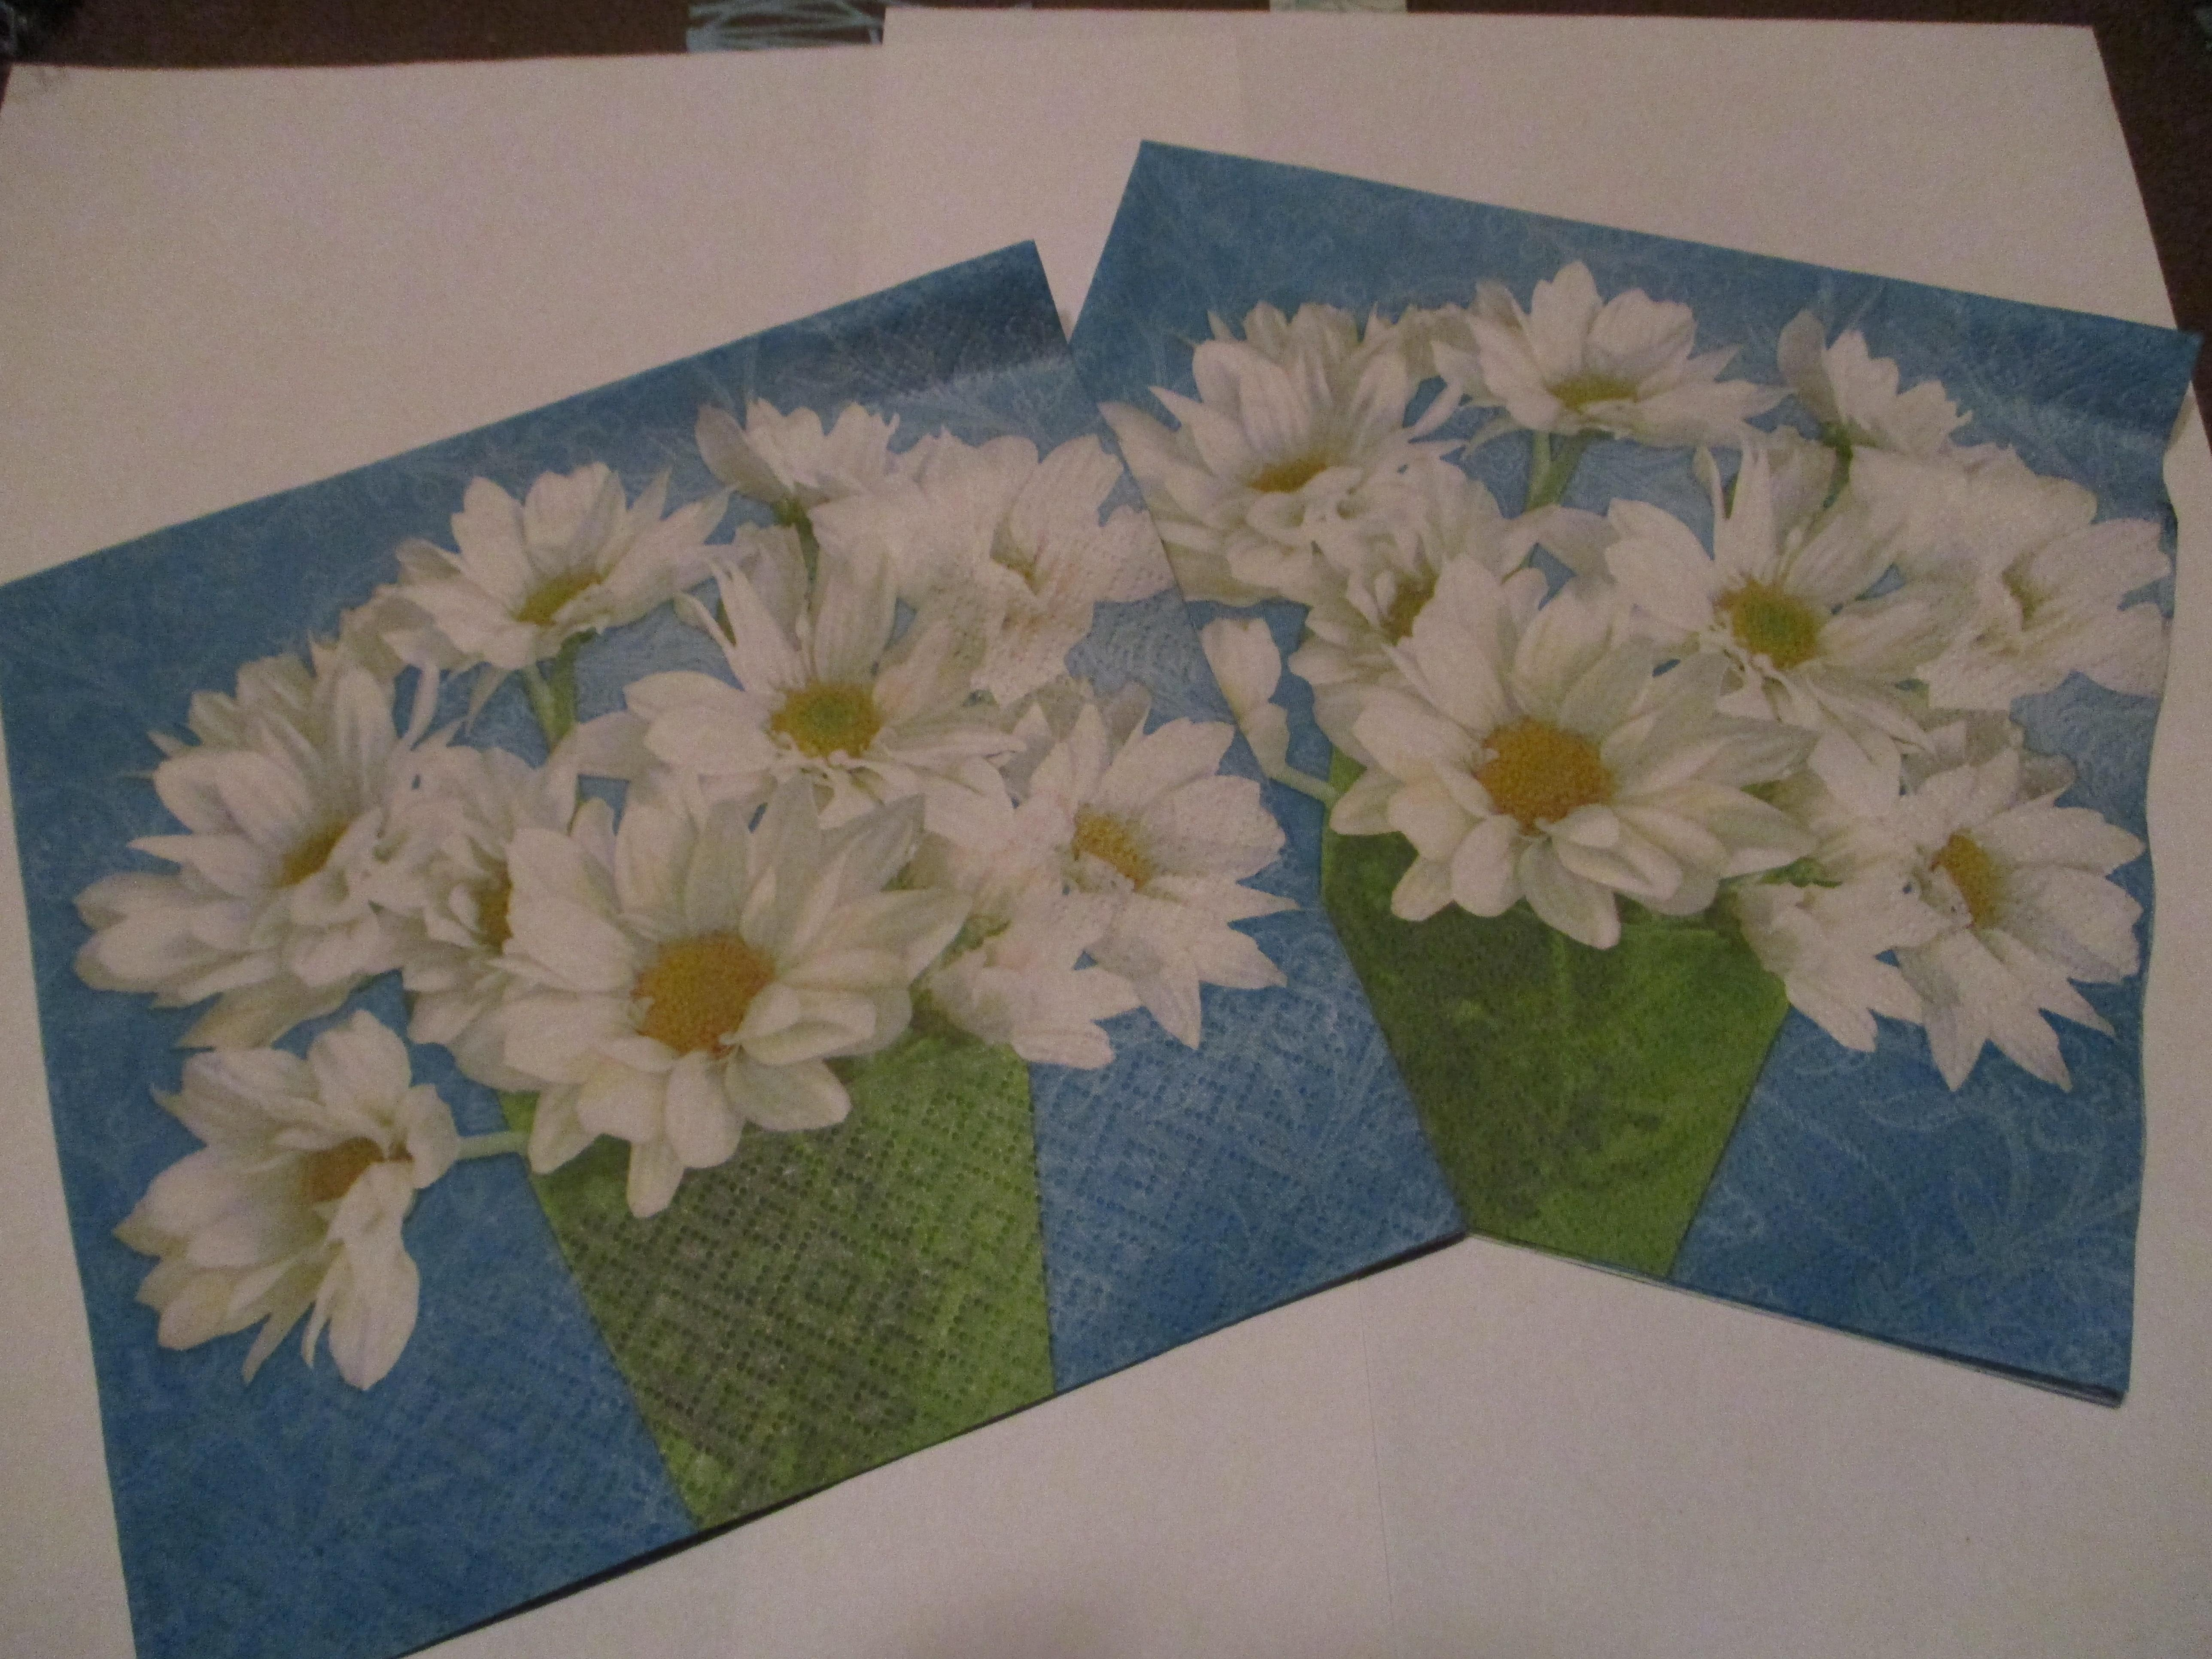 troc de troc 2 serviettes en papier marguerite image 0